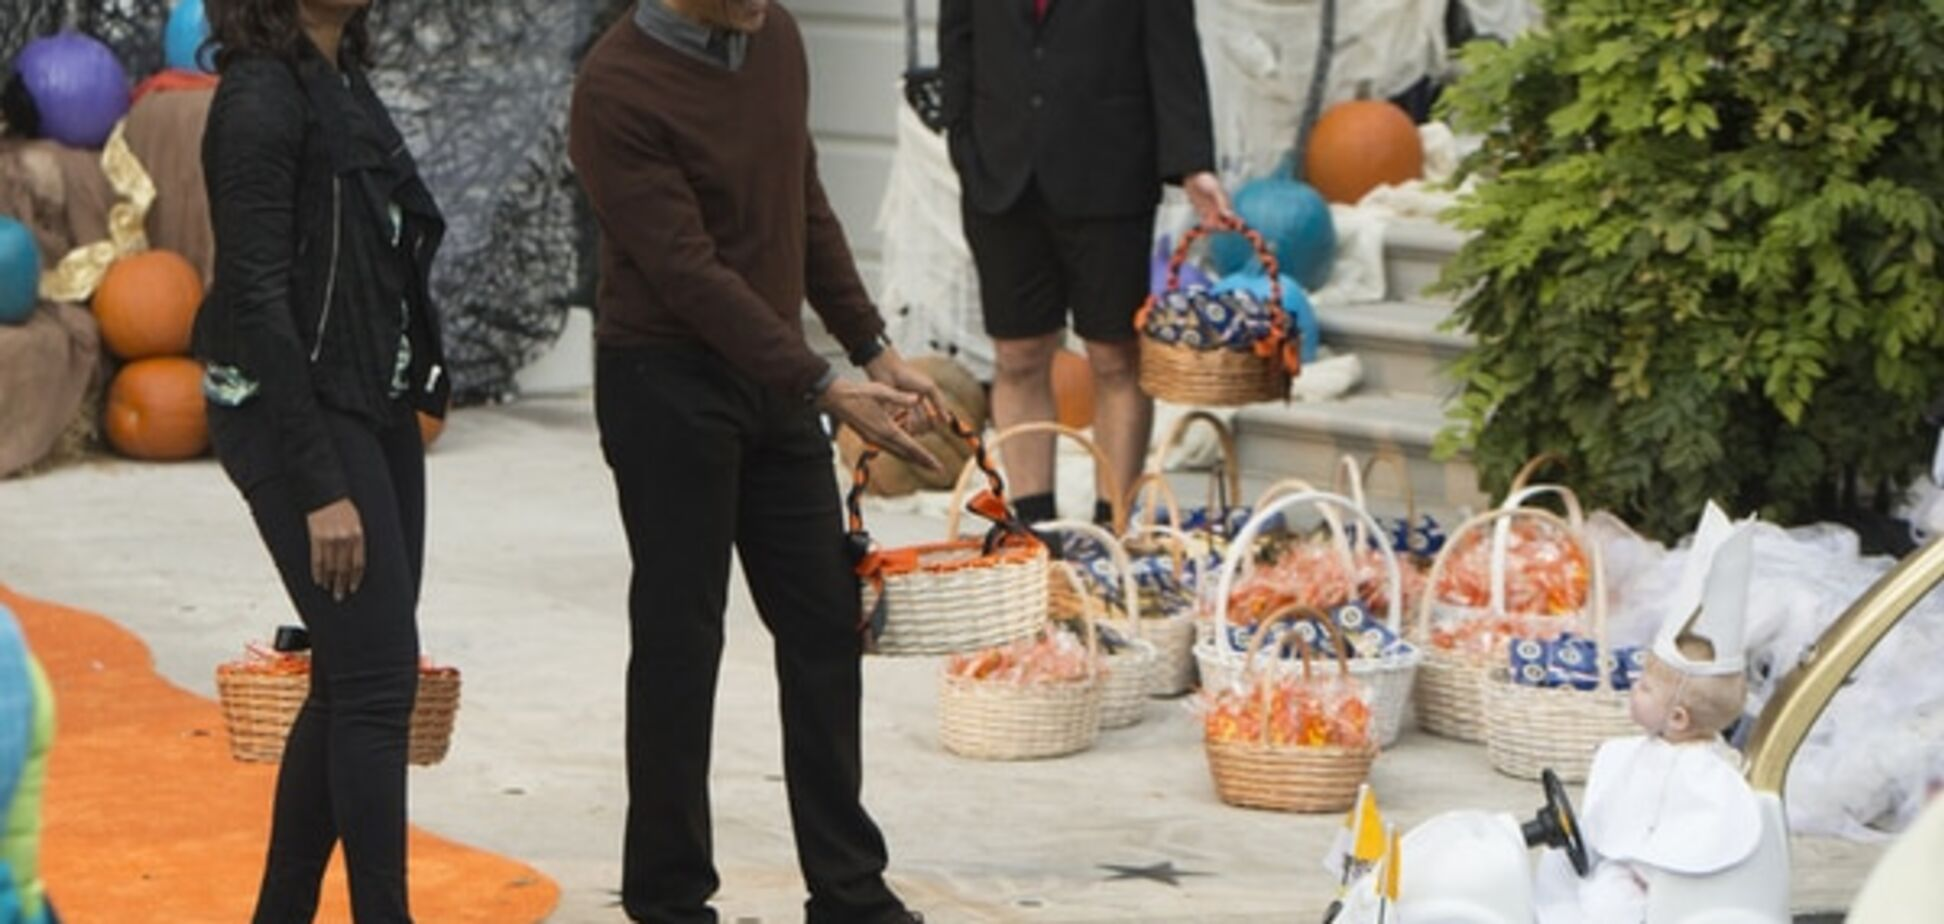 До Обами приїхав хлопчик у костюмі Папи Римського на папамобілі: опубліковані фото і відео